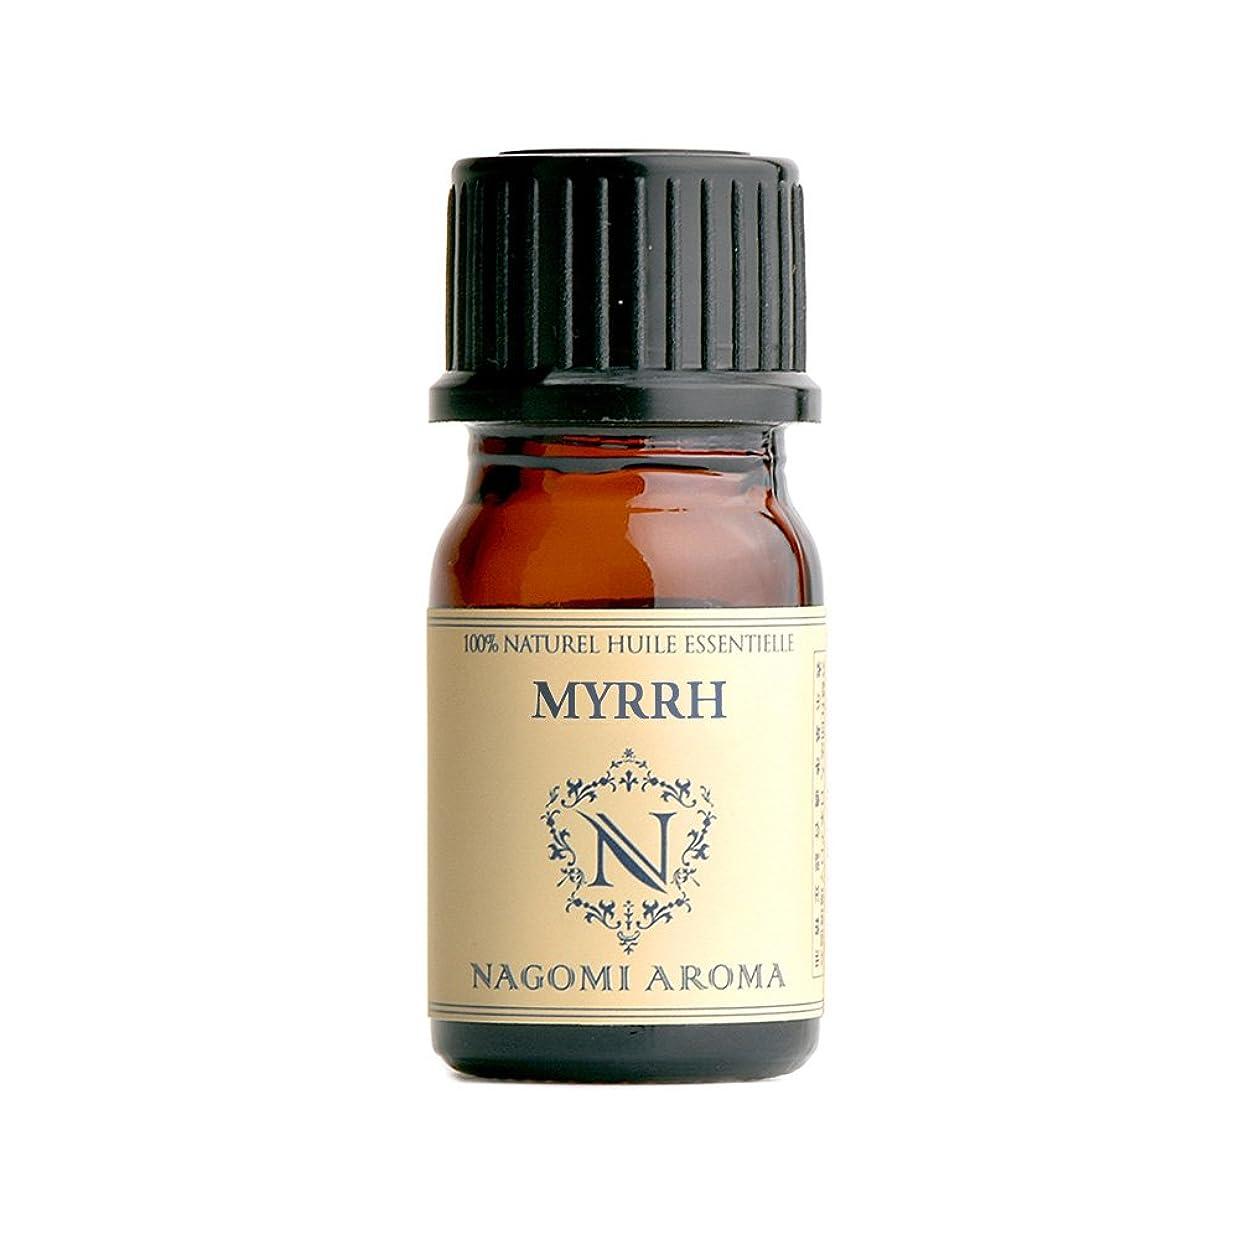 控えるシャンパン長方形NAGOMI AROMA ミルラ 5ml 【AEAJ認定精油】【アロマオイル】